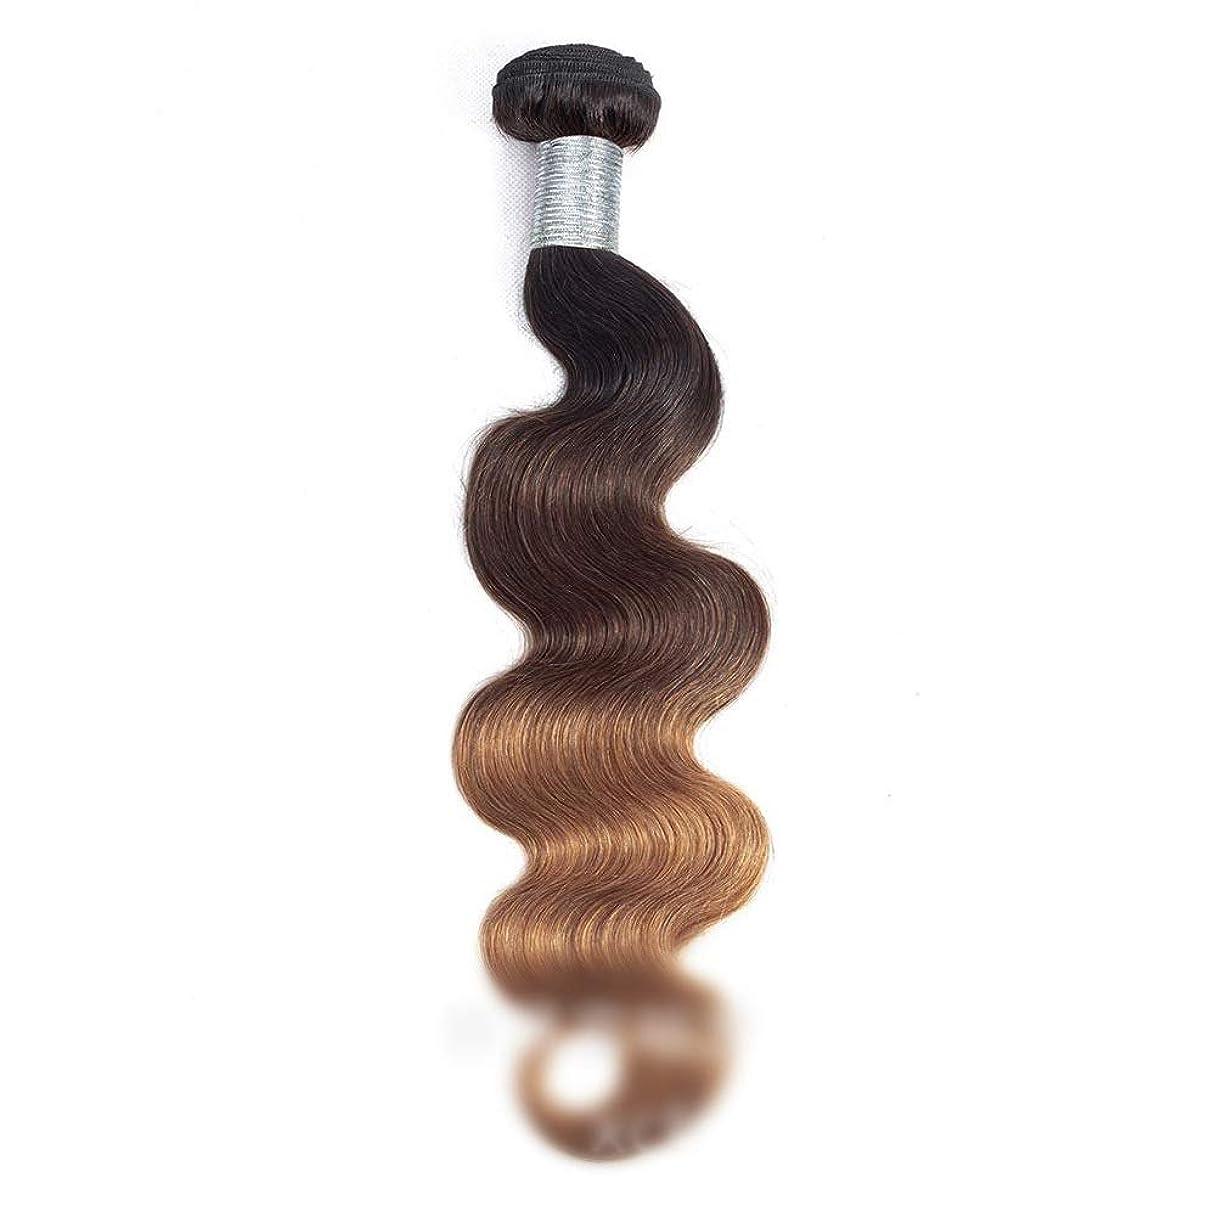 苦しめるスクラブ静かなHOHYLLYA 実体波髪の束オンブルブラジルバージン人間の髪の横糸 - 1B / 4/30 3トーン(1バンドル、10インチ-26インチ、110g)ロングカーリーウィッグ (色 : ブラウン, サイズ : 24 inch)